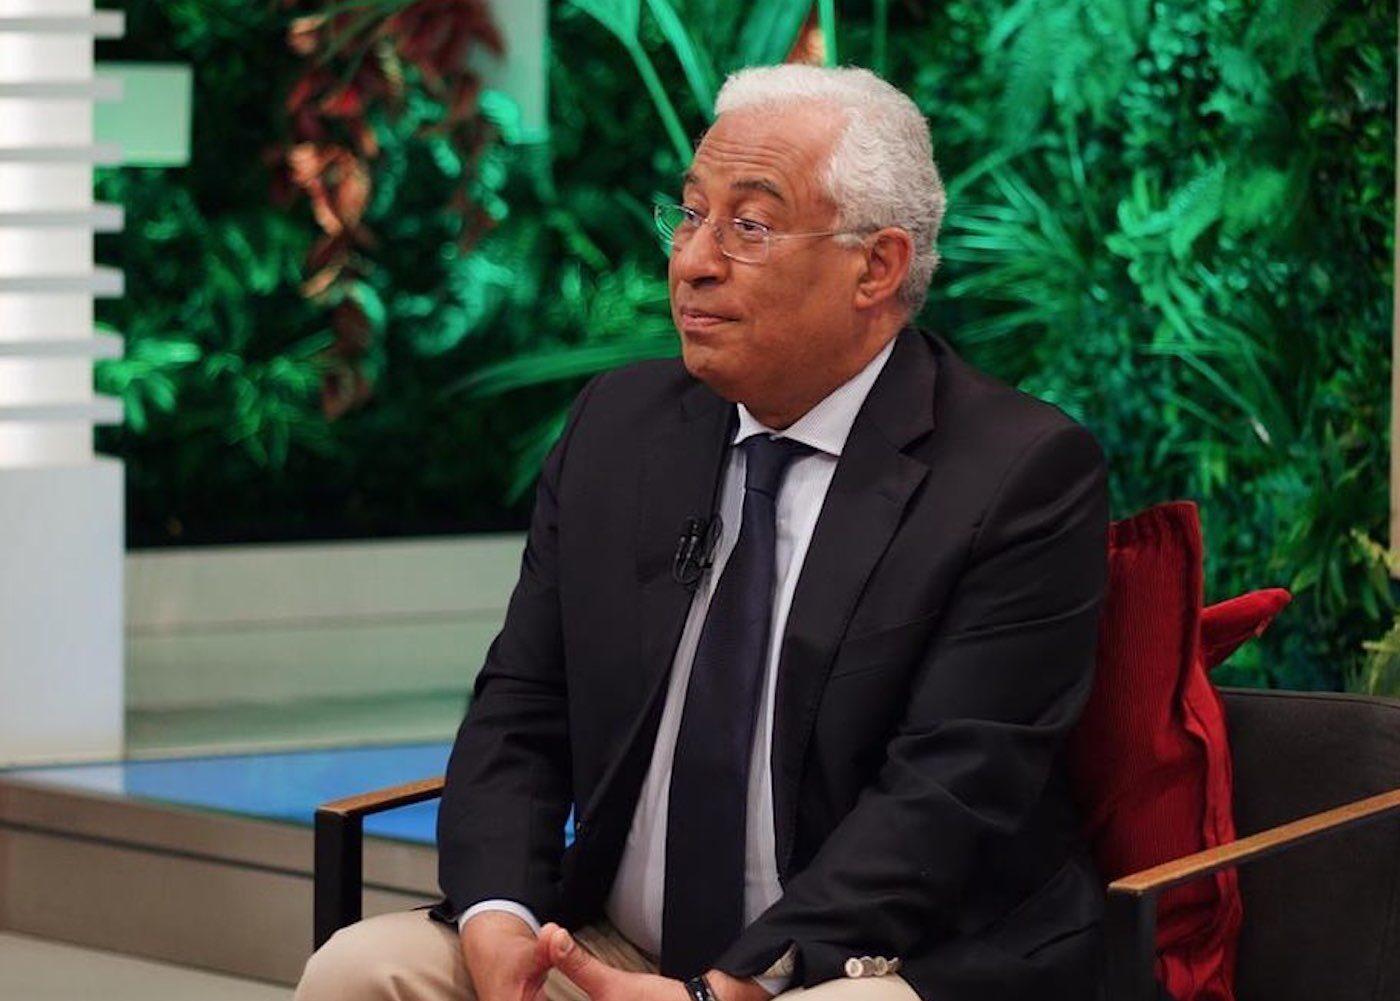 Antonio Costa 1 E1586525760933 Tvi Reage Após Ser Acusada De Colocar A Saúde De António Costa Em Risco